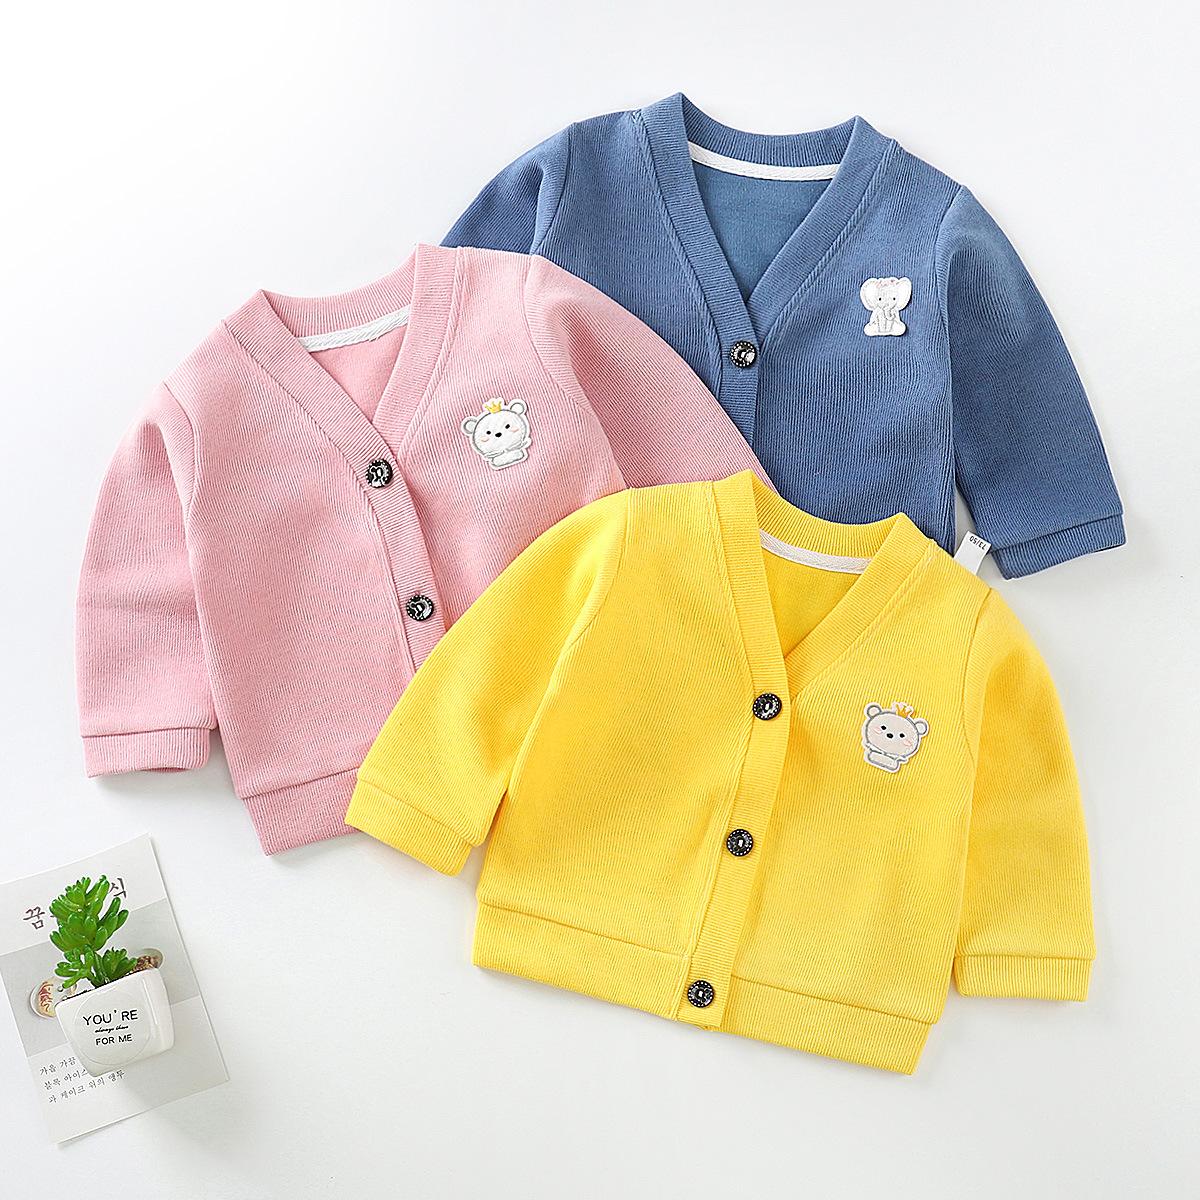 婴儿针织衫开衫外套婴幼儿服饰女童男宝宝儿童秋冬季外套童装毛衣